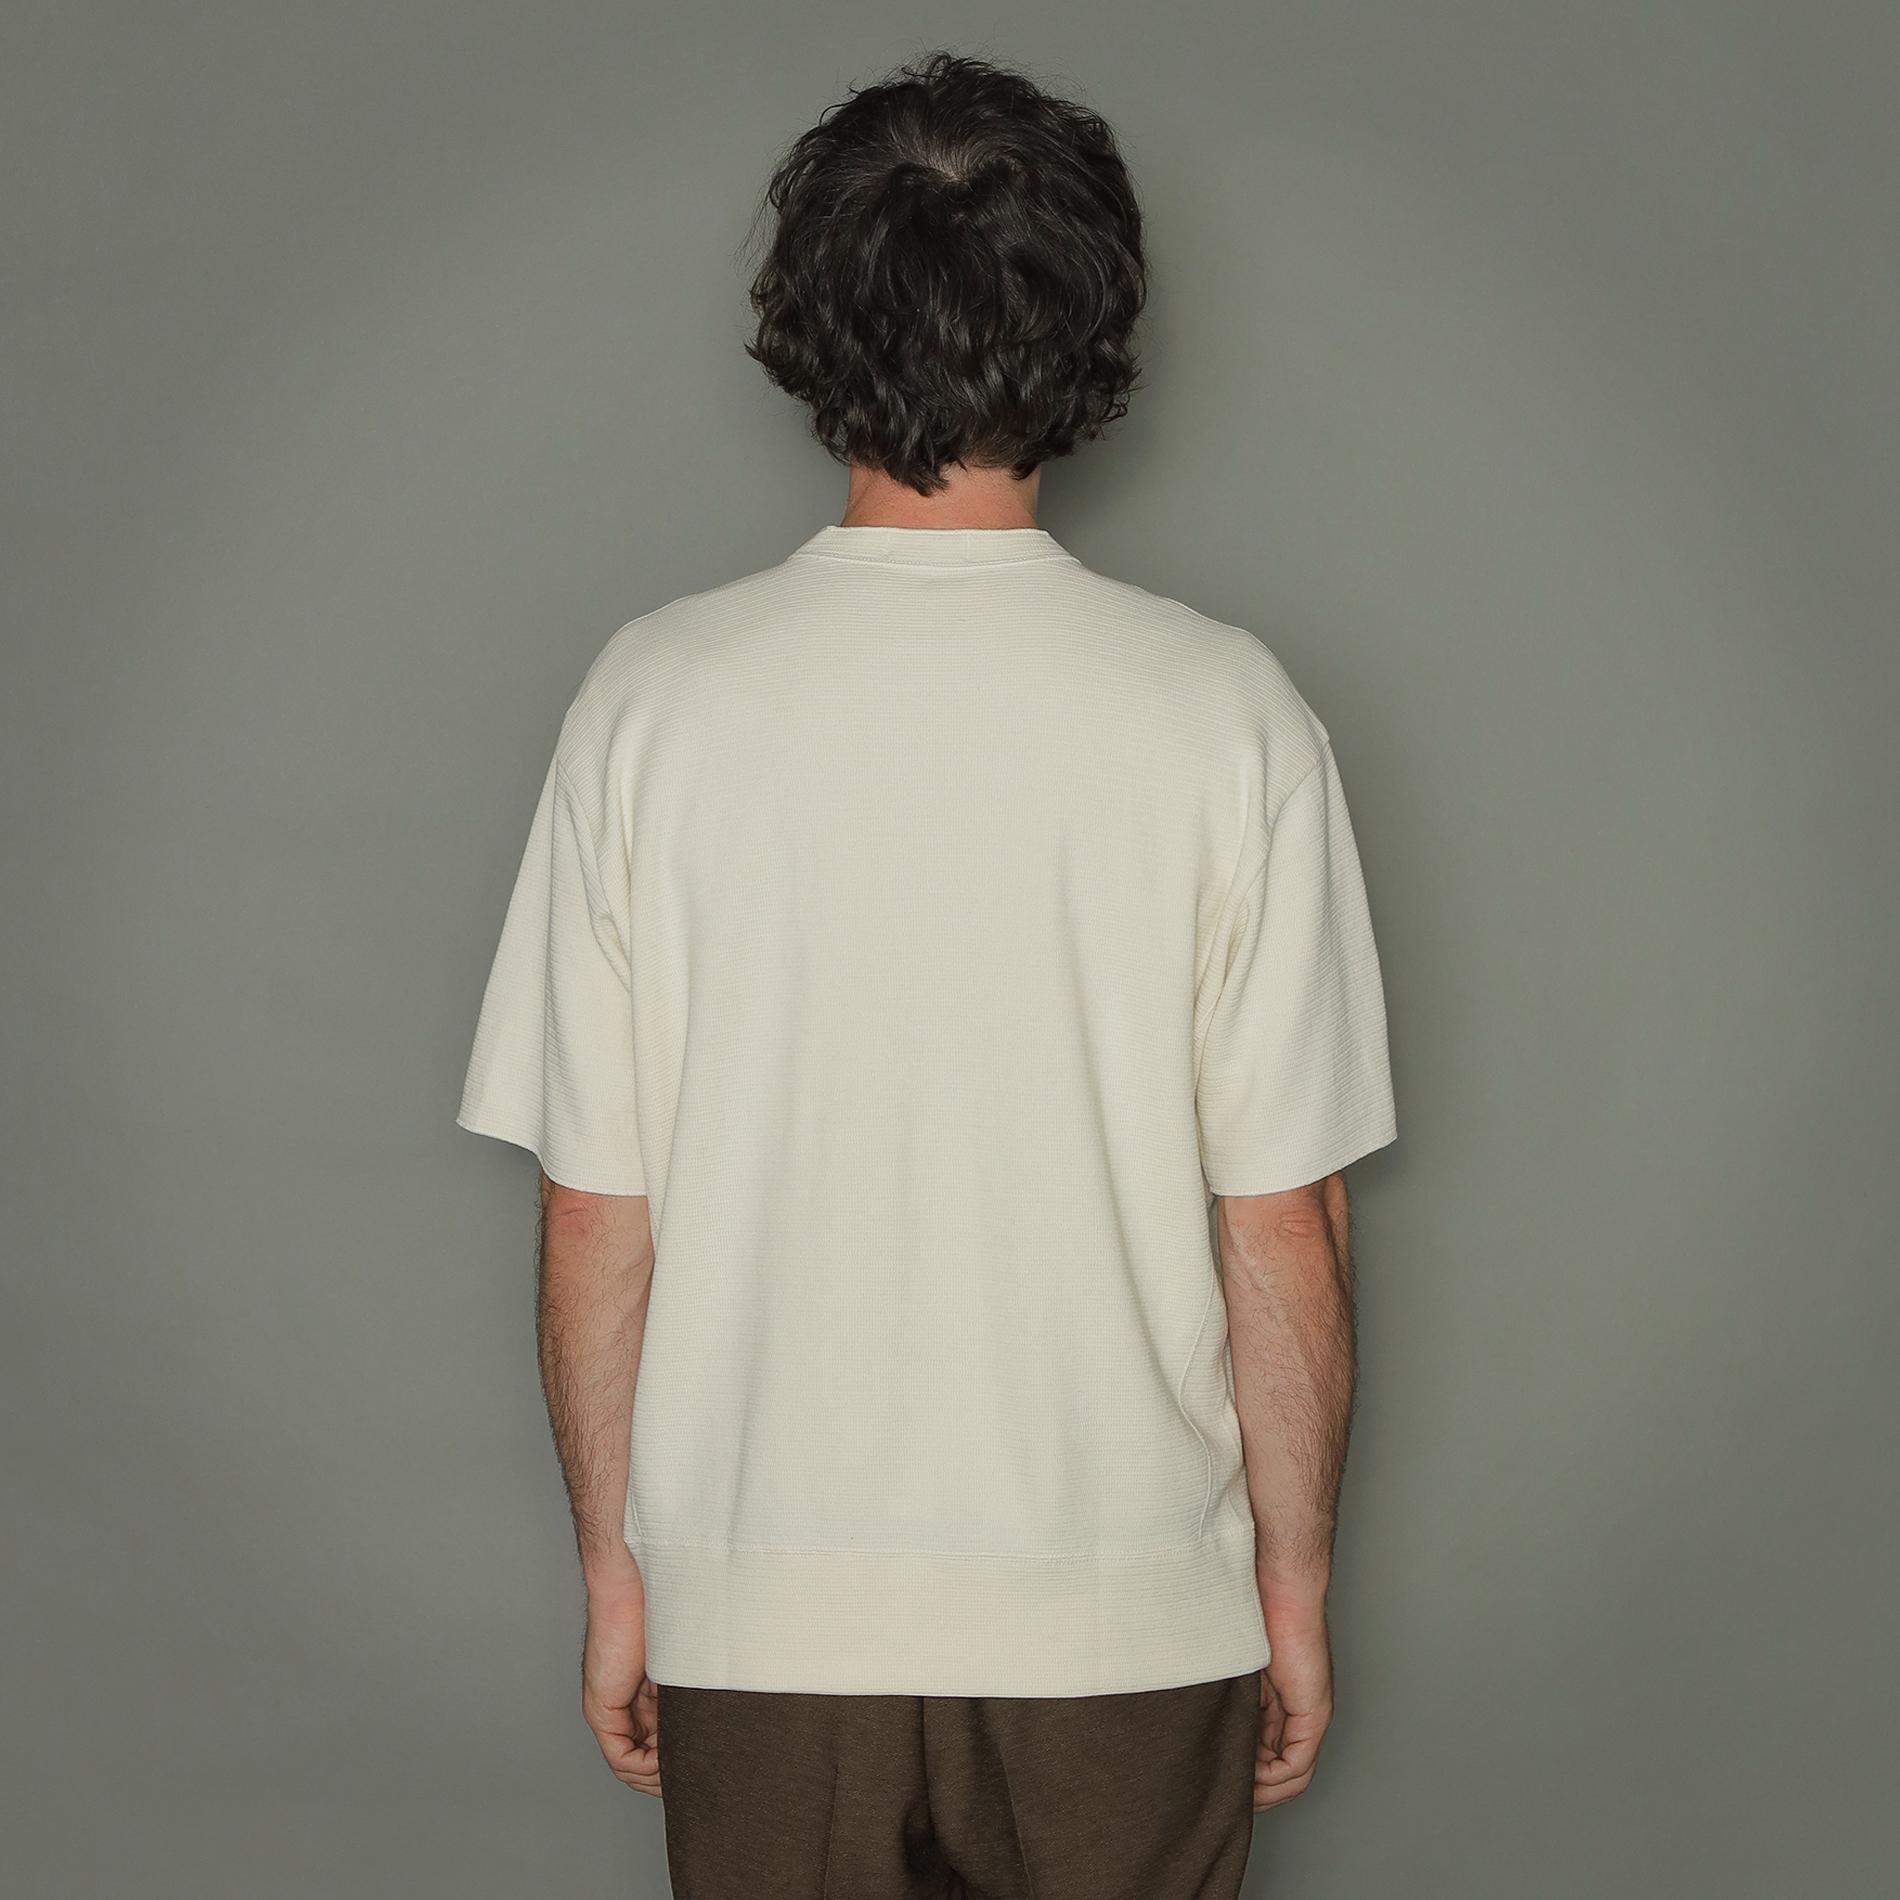 ◆◆ワッフルクルーネックTシャツ